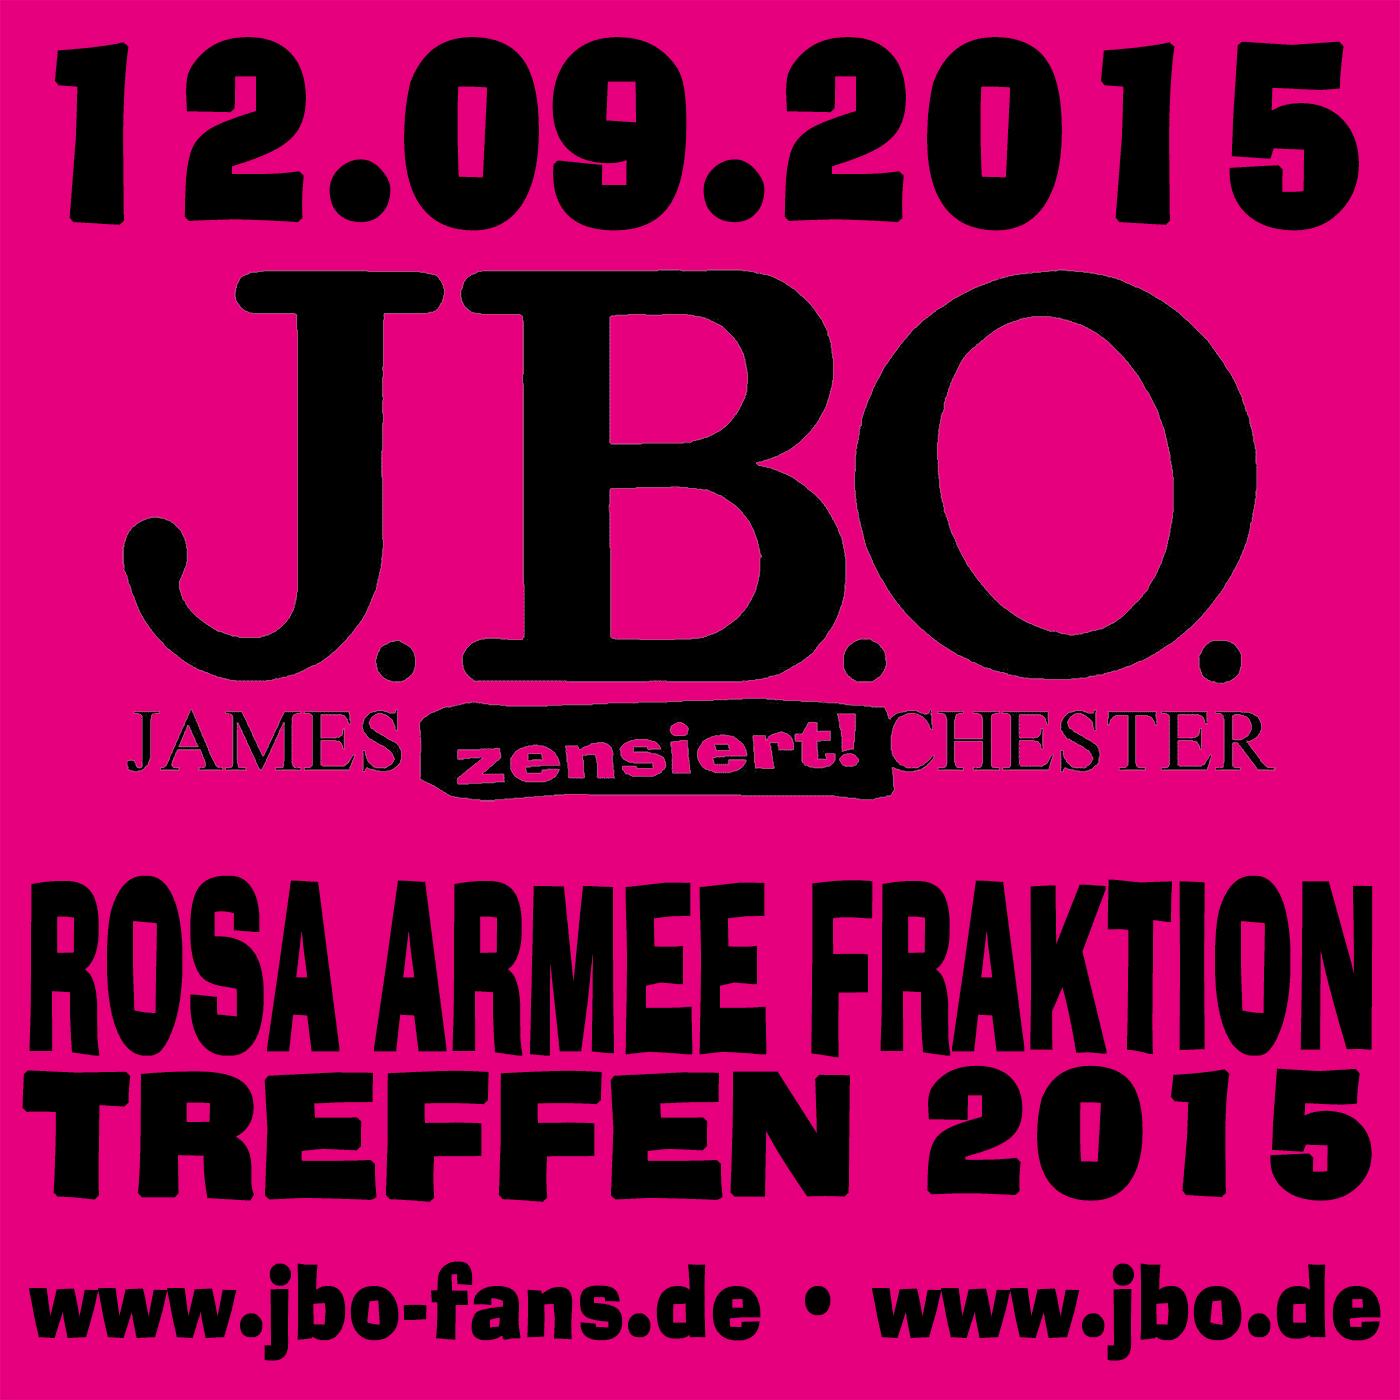 Rosa Armee Fraktion Treffen 2015: 12.09.2015 – Erlangen, Omega